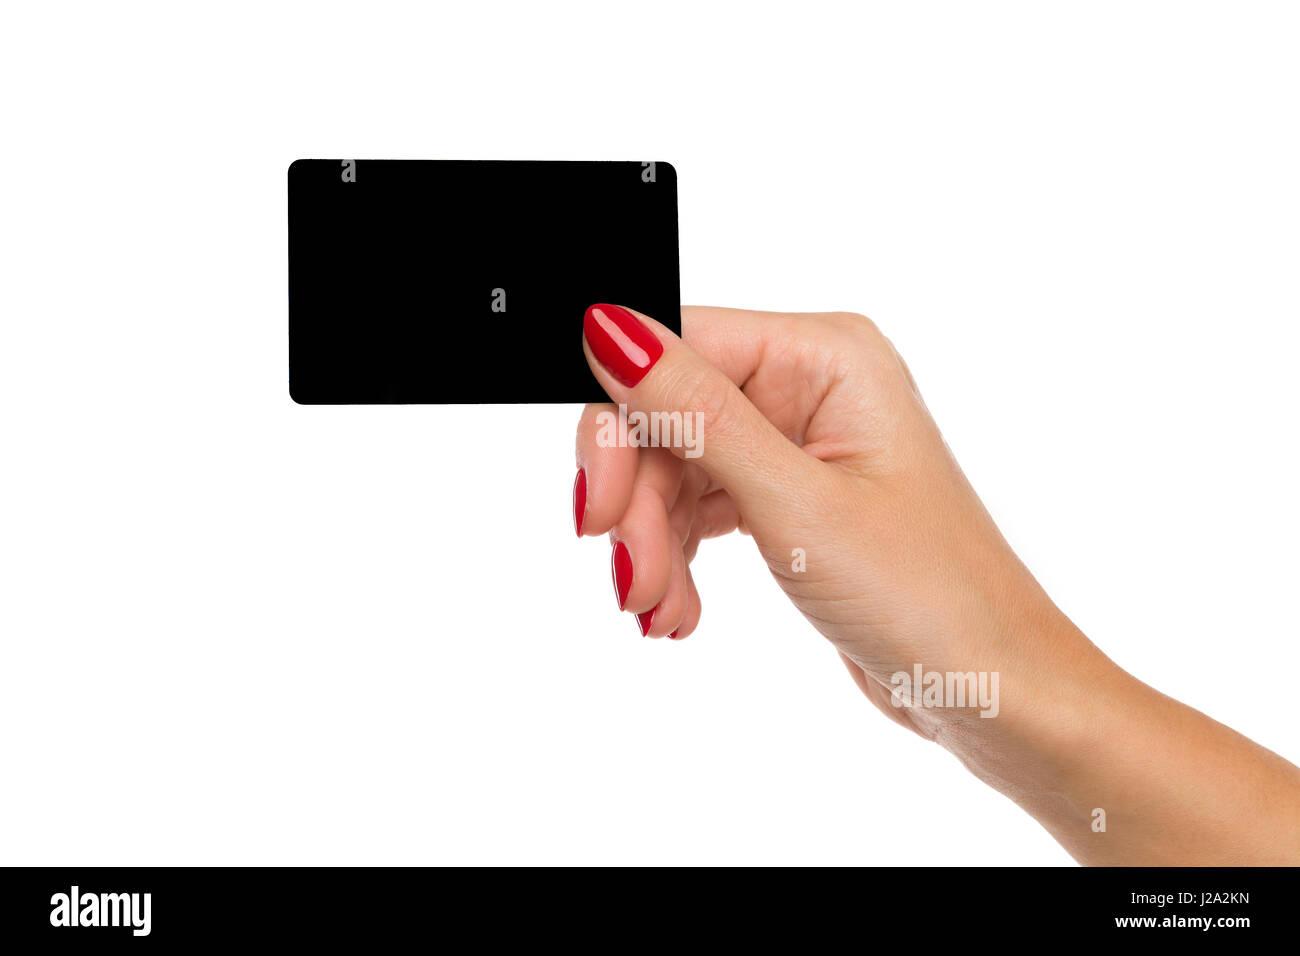 schwarze karte Nahaufnahme von Frauenhand mit roten Nägeln leere schwarze Karte